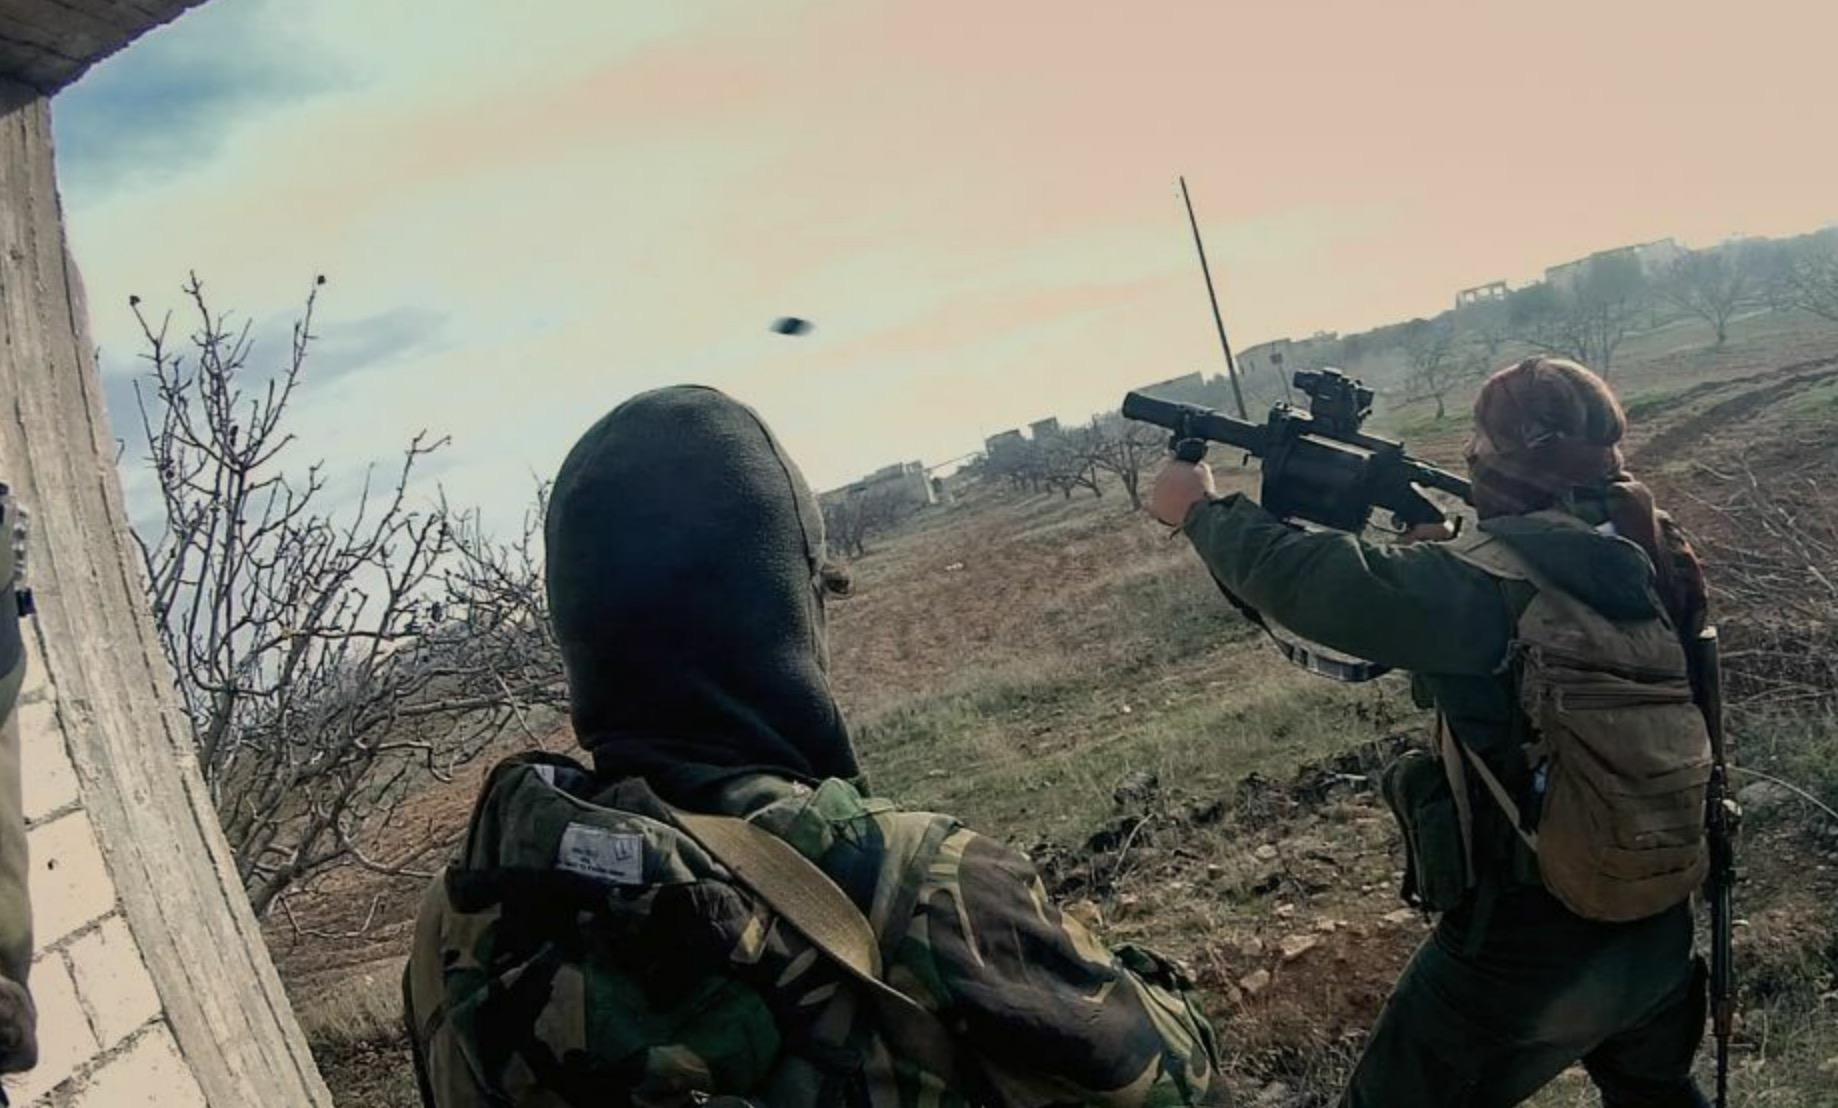 Muhaliflerden rejime ani saldırı: En az 25 ölü